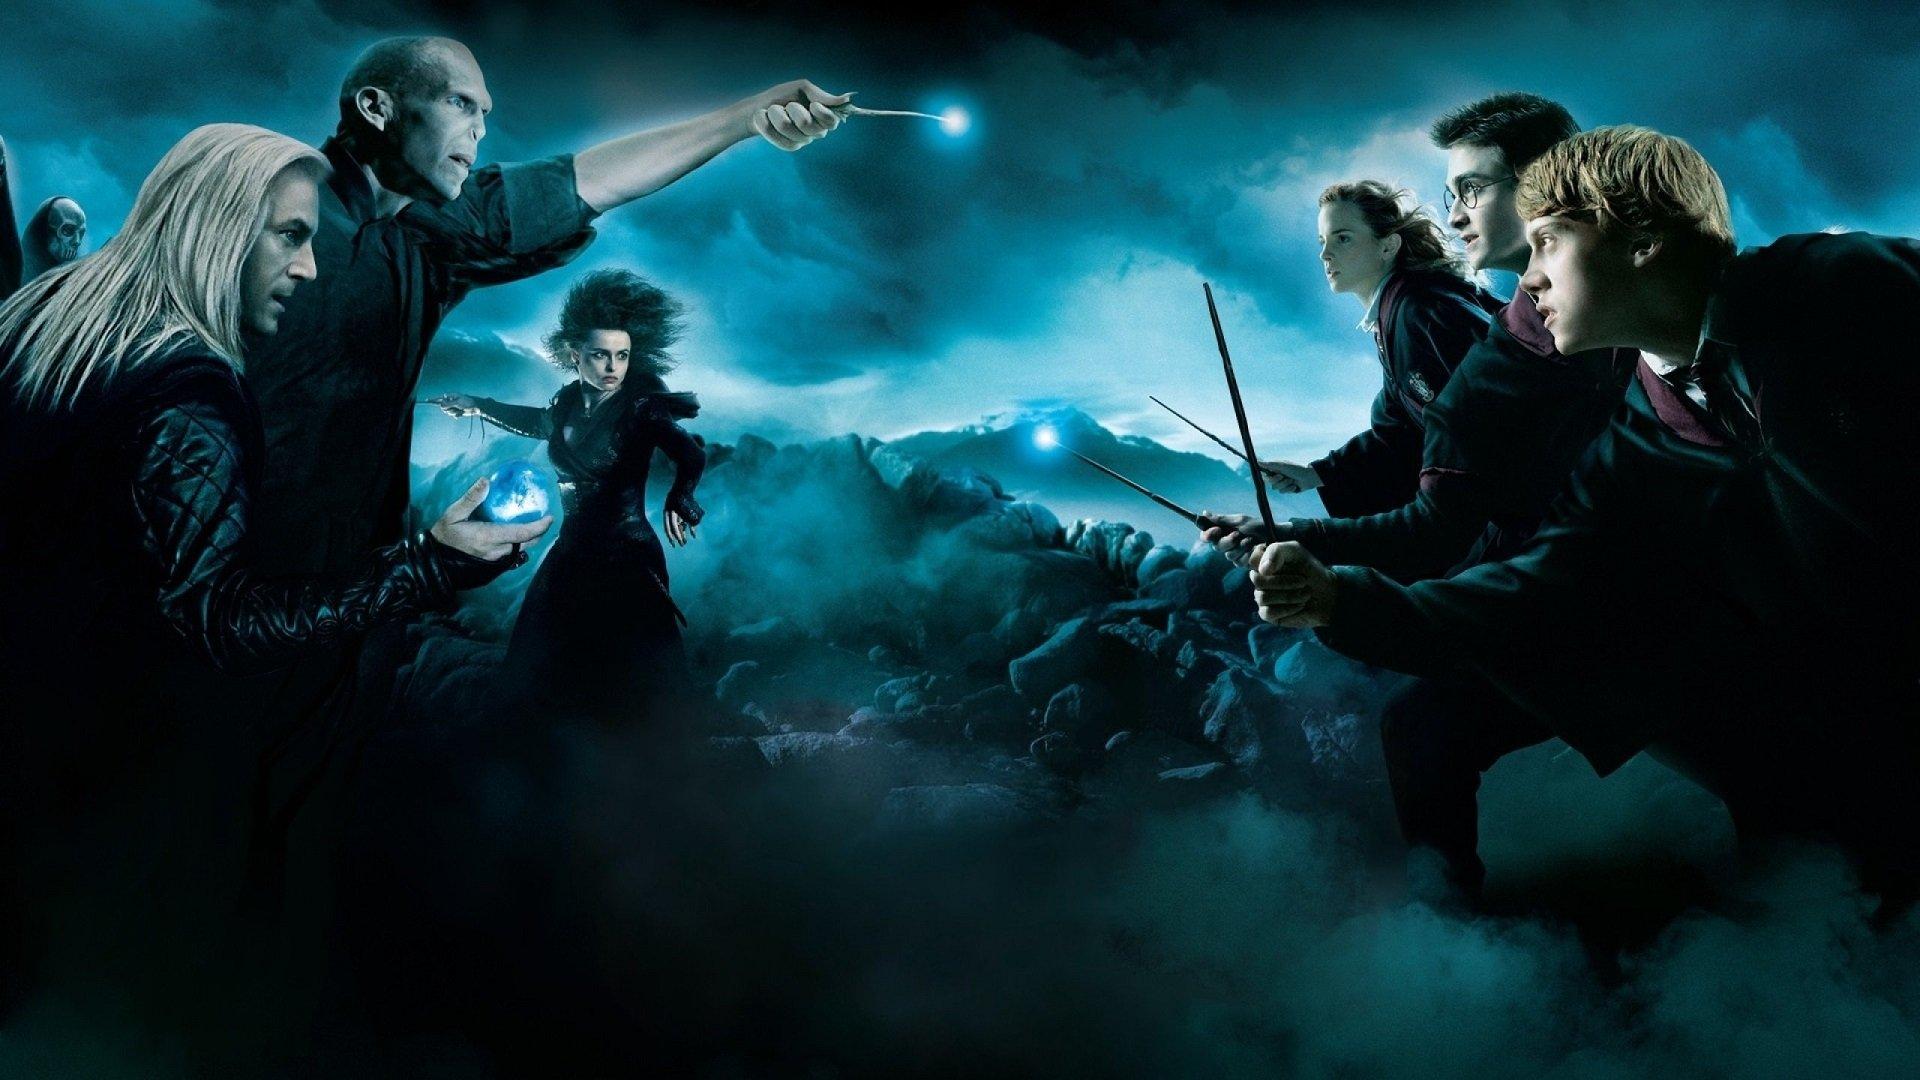 Las películas de Harry Potter estarán en HBO Max ¿En qué orden verlas?